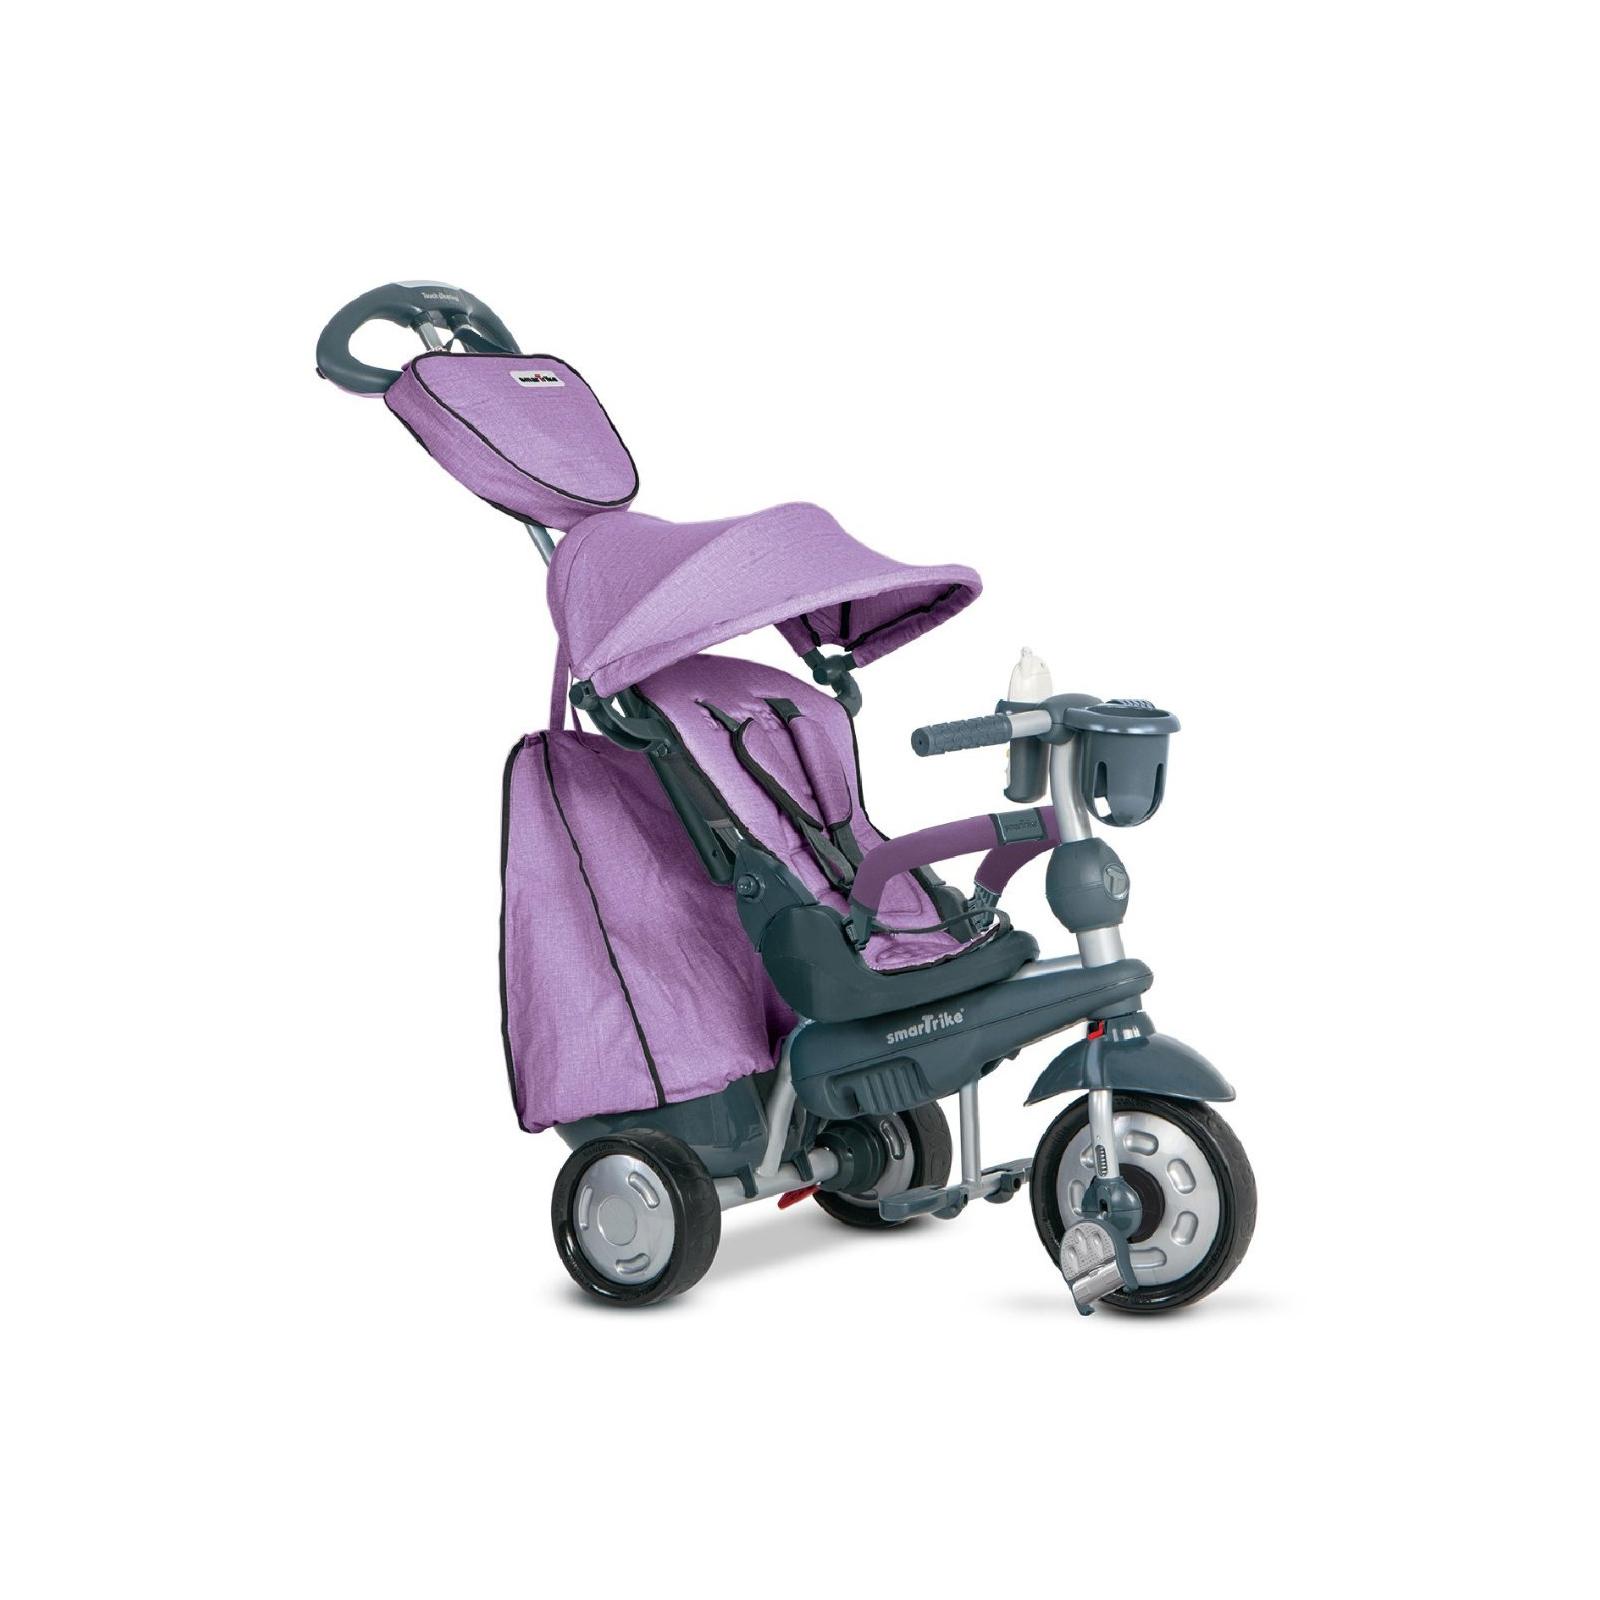 Детский велосипед Smart Trike Explorer 5 в 1 Grey (8200900)